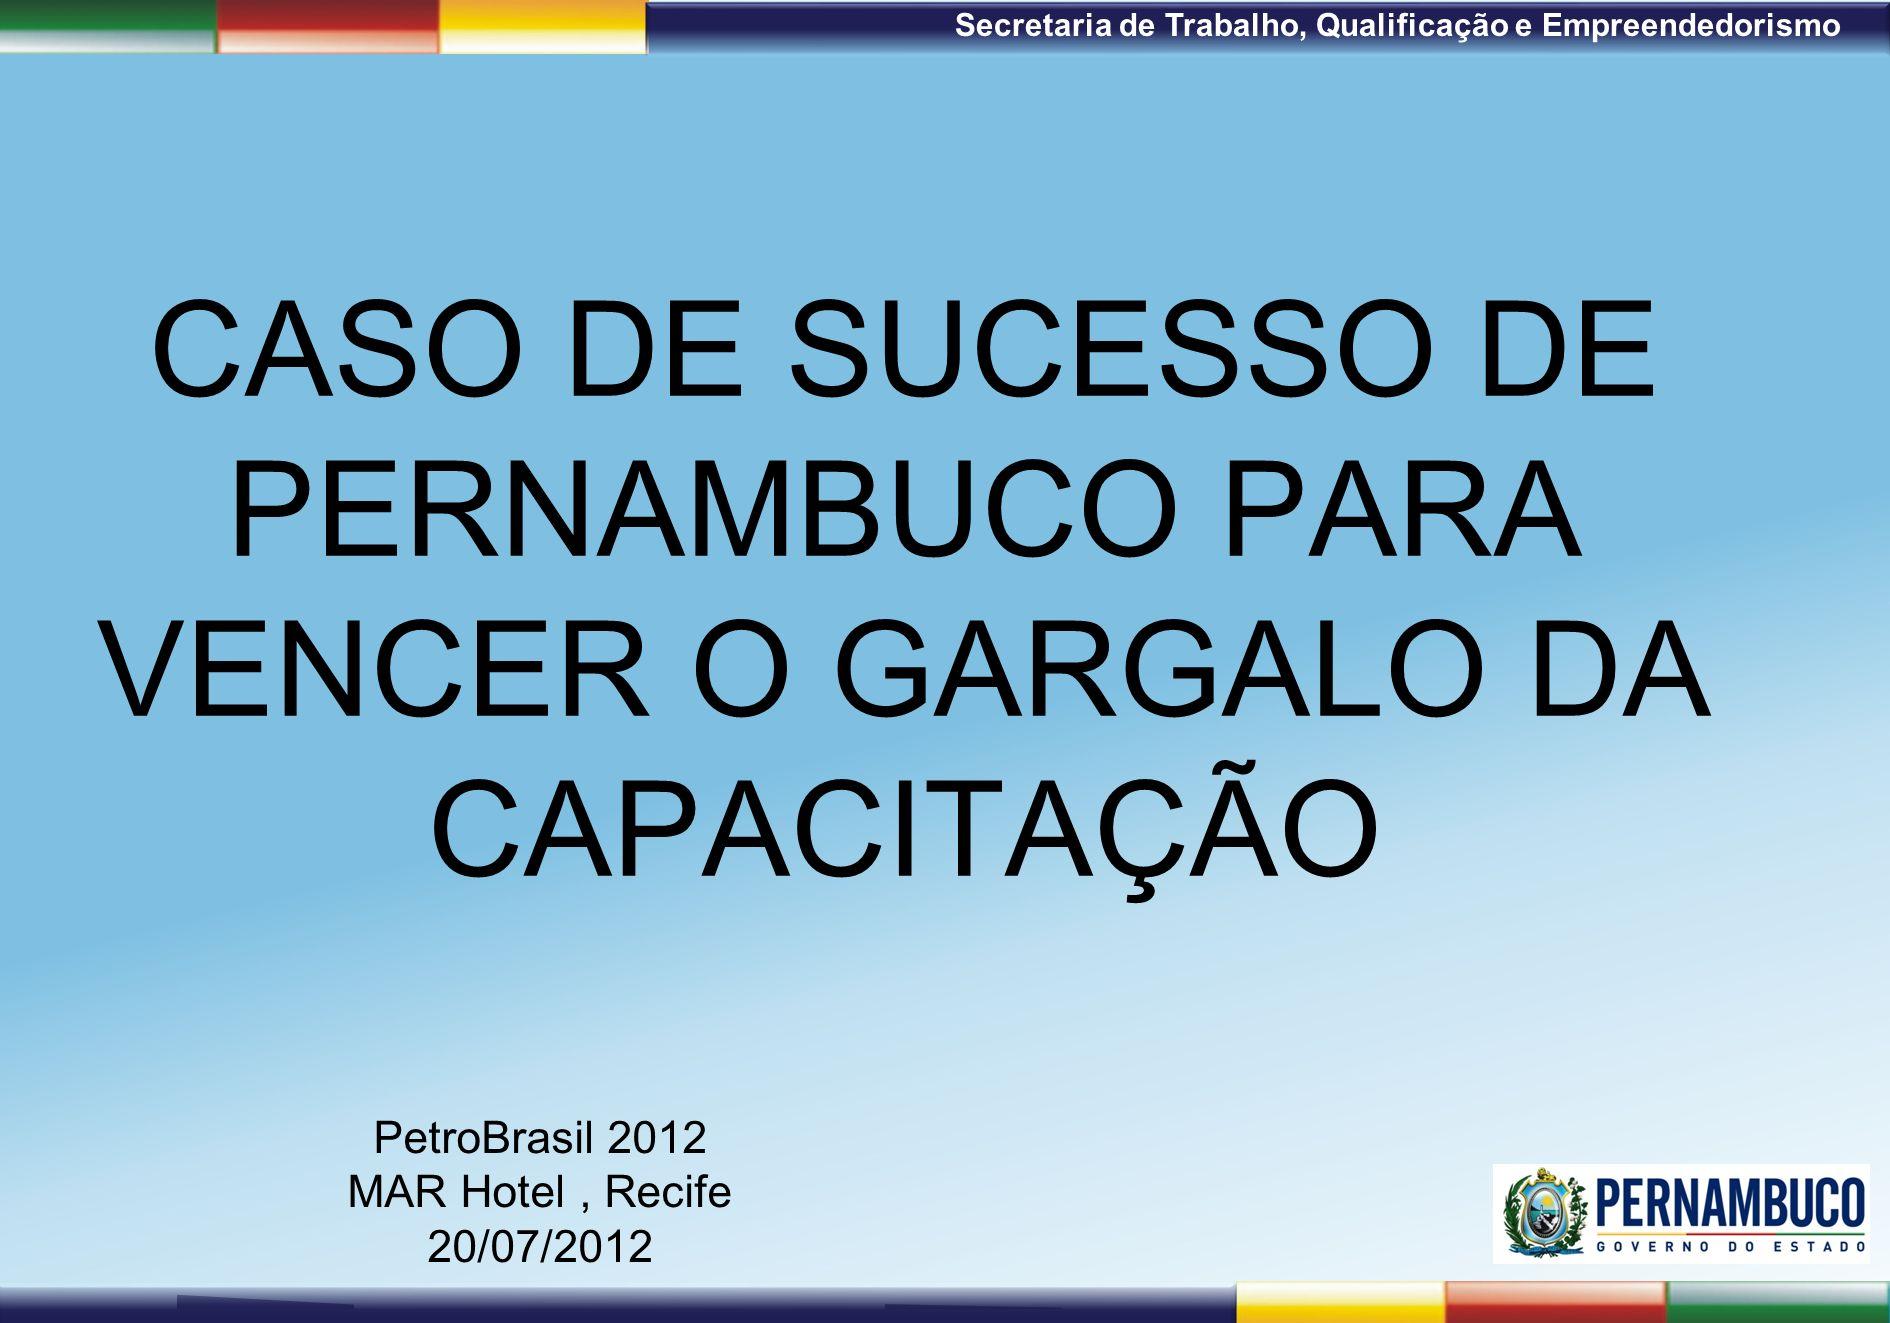 CASO DE SUCESSO DE PERNAMBUCO PARA VENCER O GARGALO DA CAPACITAÇÃO